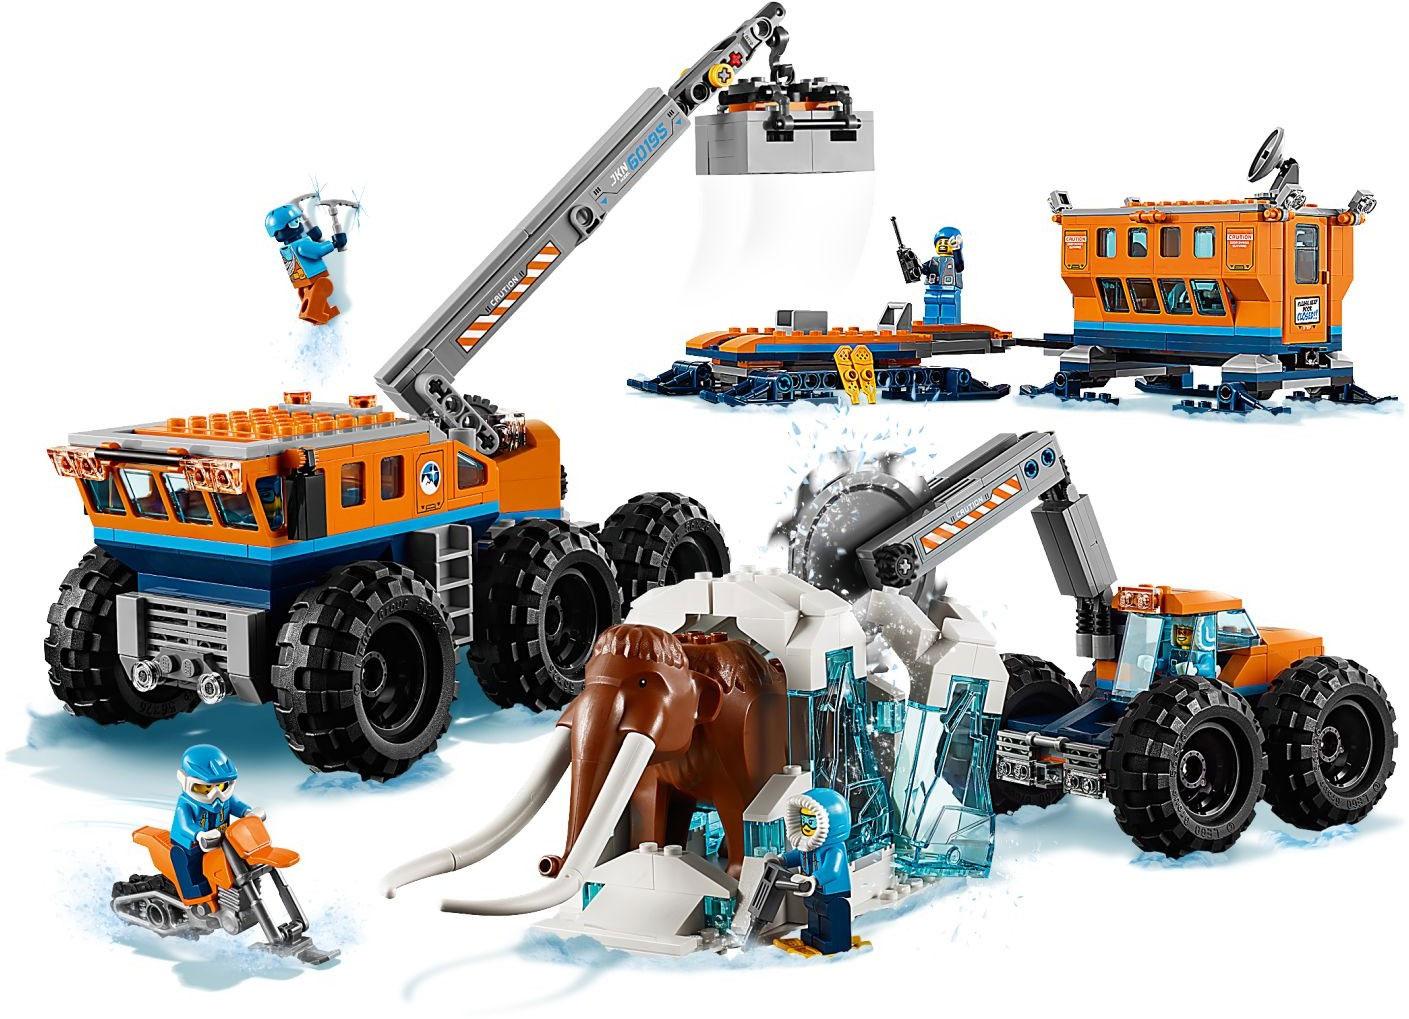 LEGO 60195 LEGO CITY Arctic Mobile Exploration Base